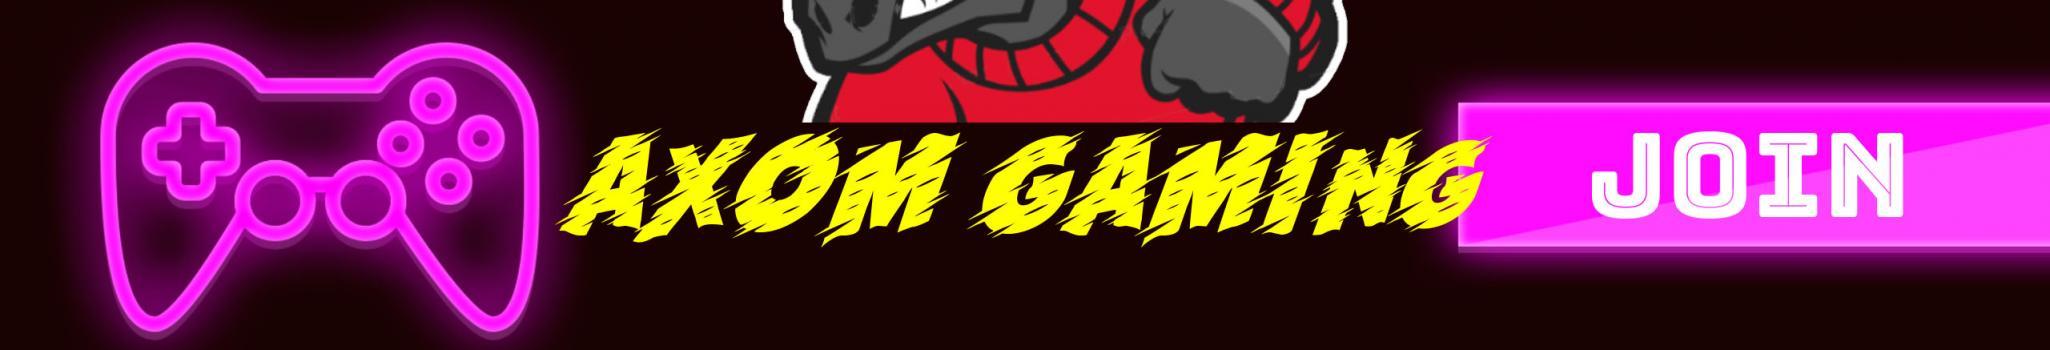 Axom Gaming